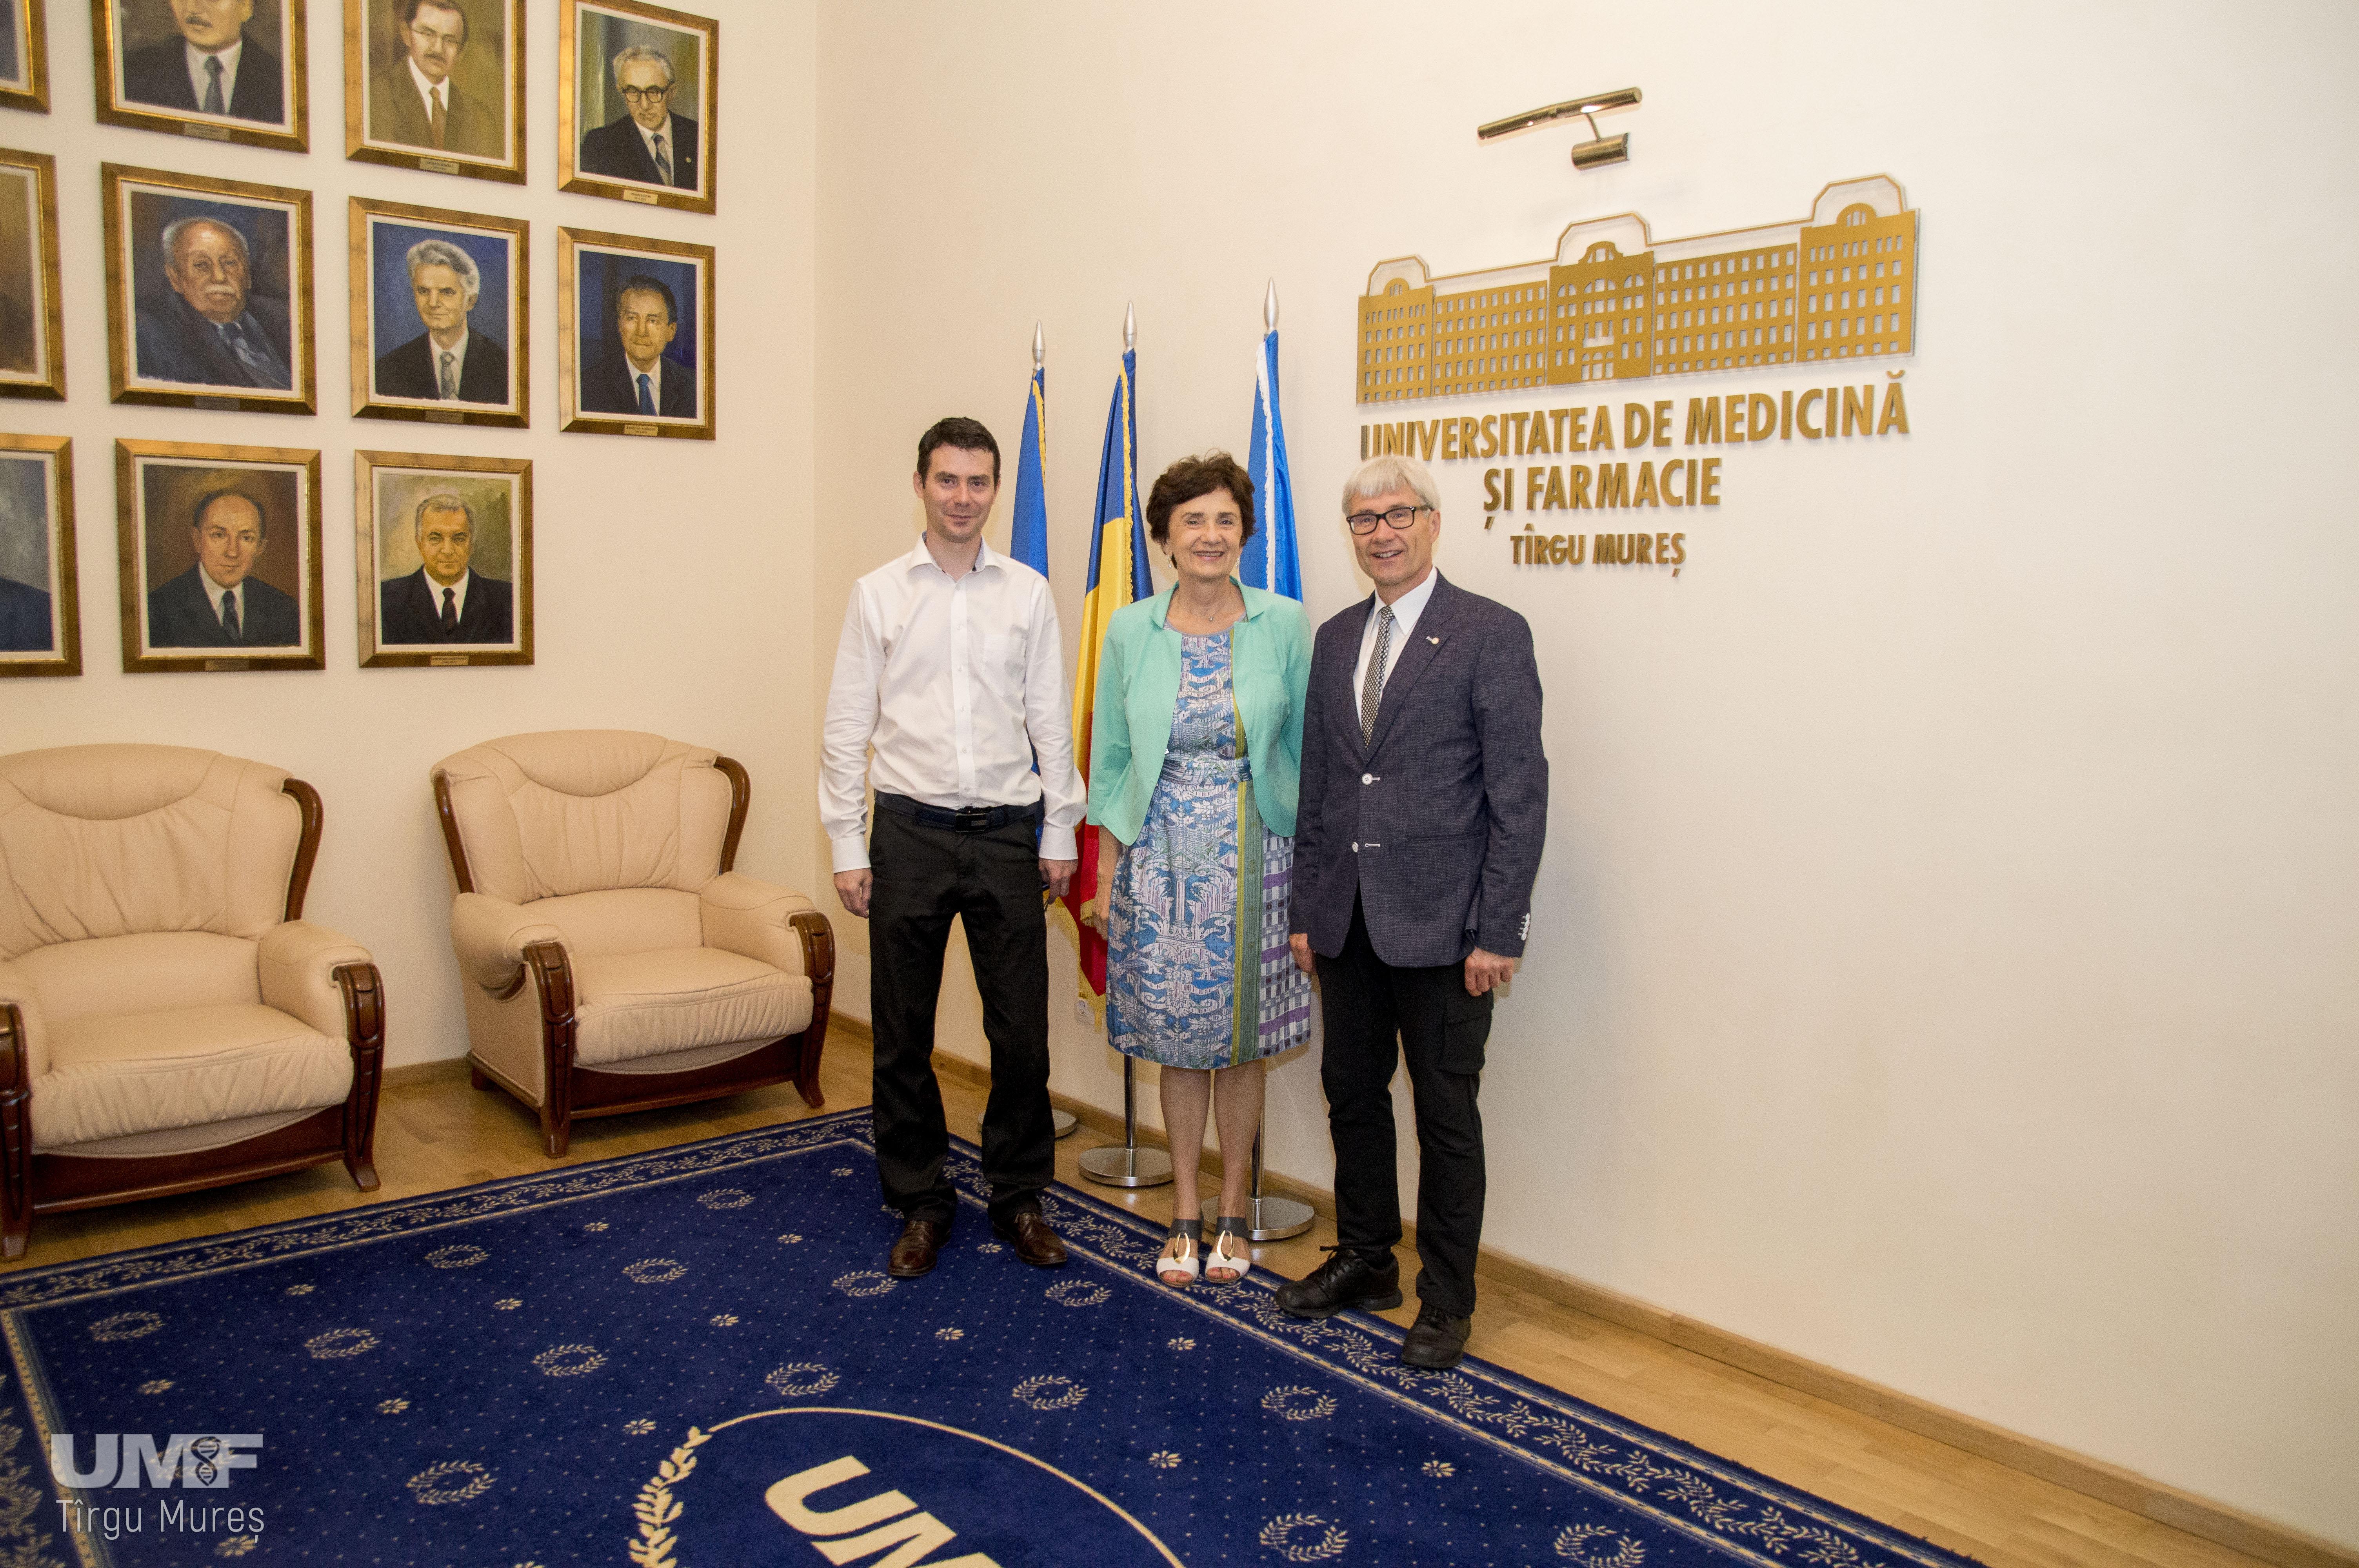 Expert al OMS în managementul dermatozelor profesionale, vizită și curs la UMF Tîrgu Mureș